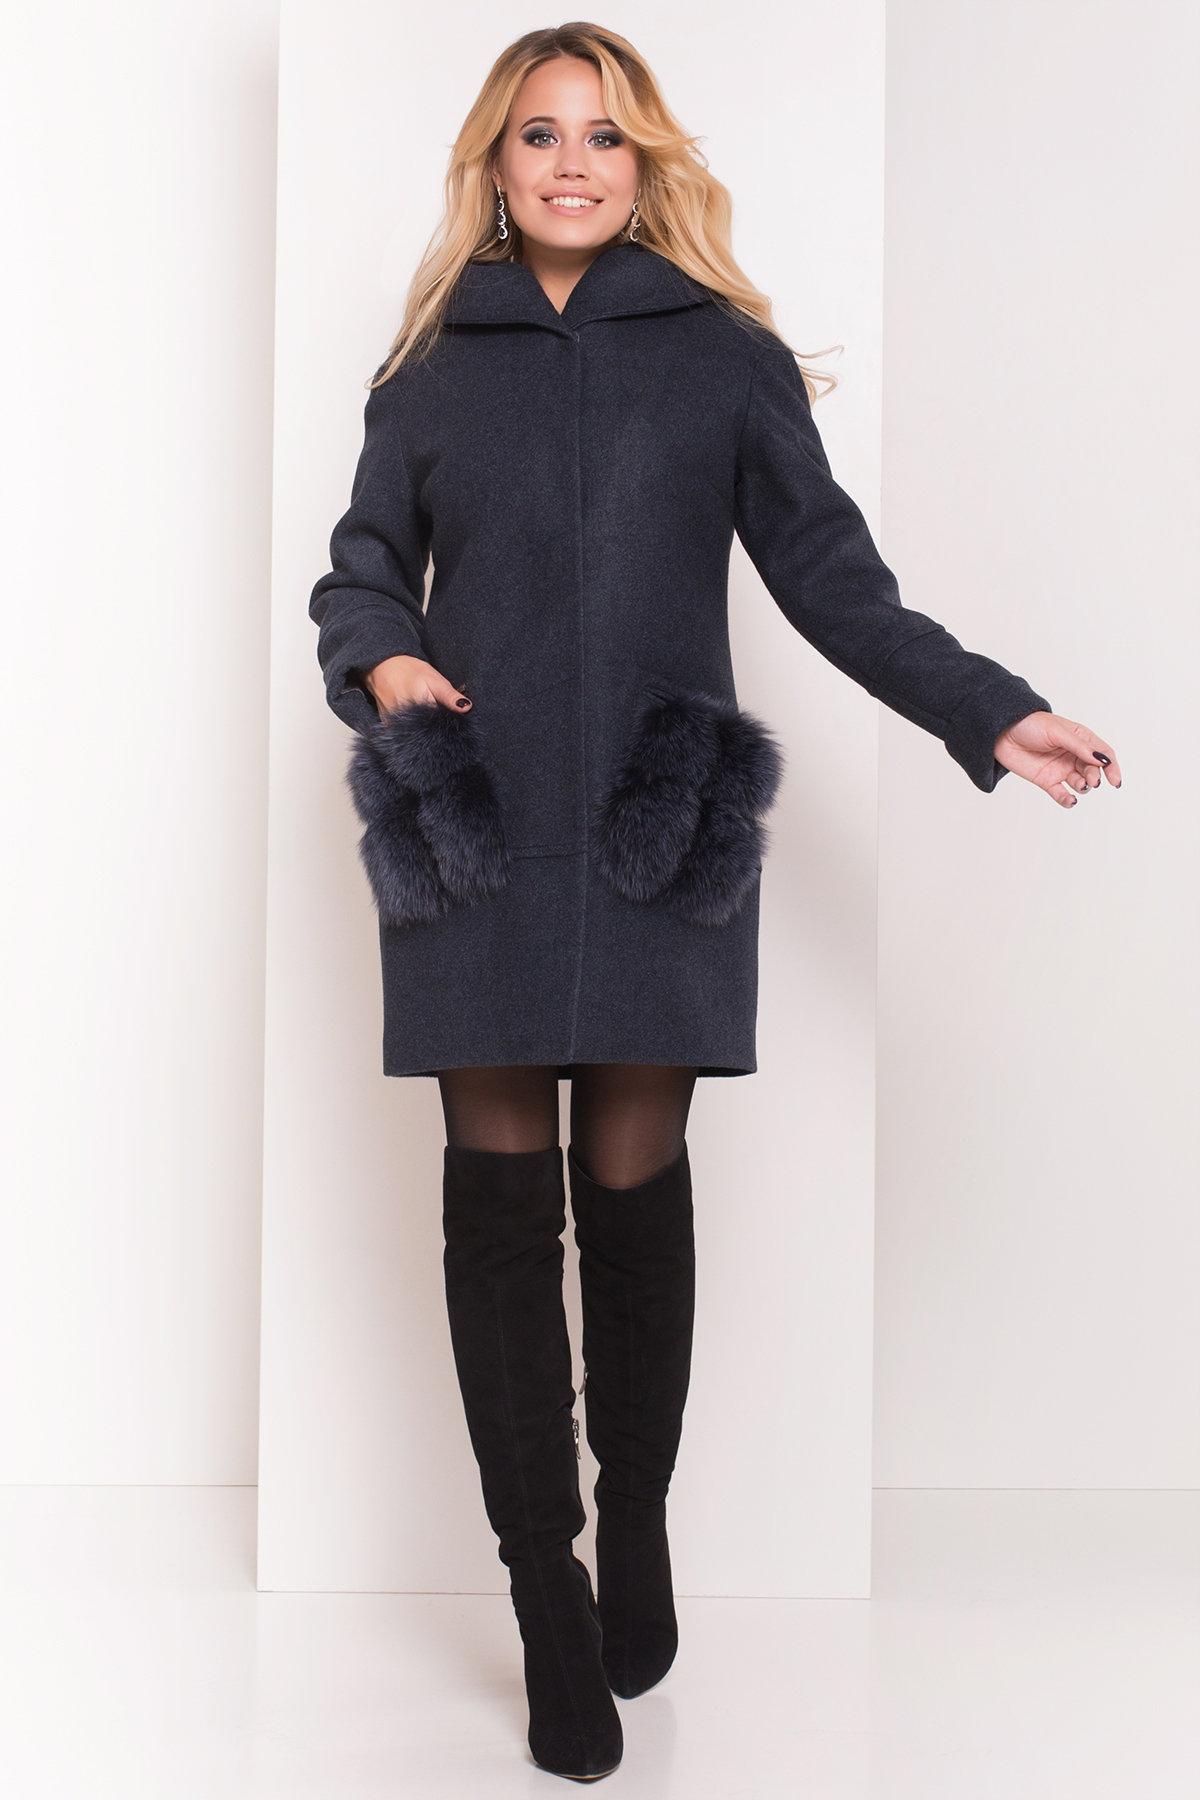 Пальто зима Анита 5752 АРТ. 38091 Цвет: Синий/Зеленый 72 - фото 4, интернет магазин tm-modus.ru